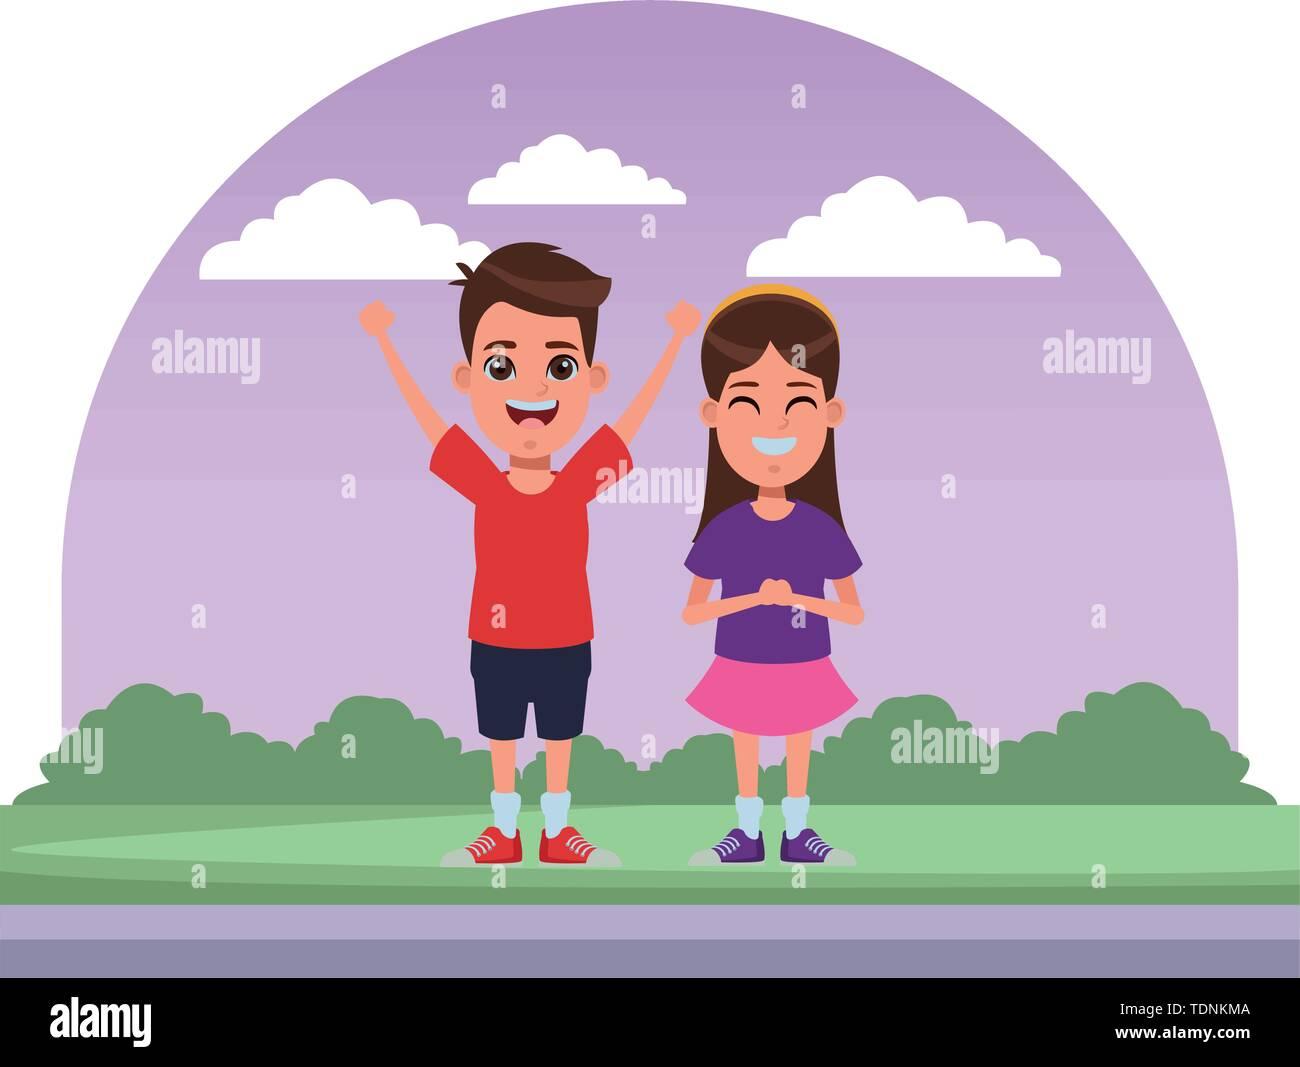 Zwei Kinder Mädchen mit Kopftuch Lächeln und Junge mit hands up Profil Bild Cartoon Character Portrait in der Straße mit Bäumen Stockbild